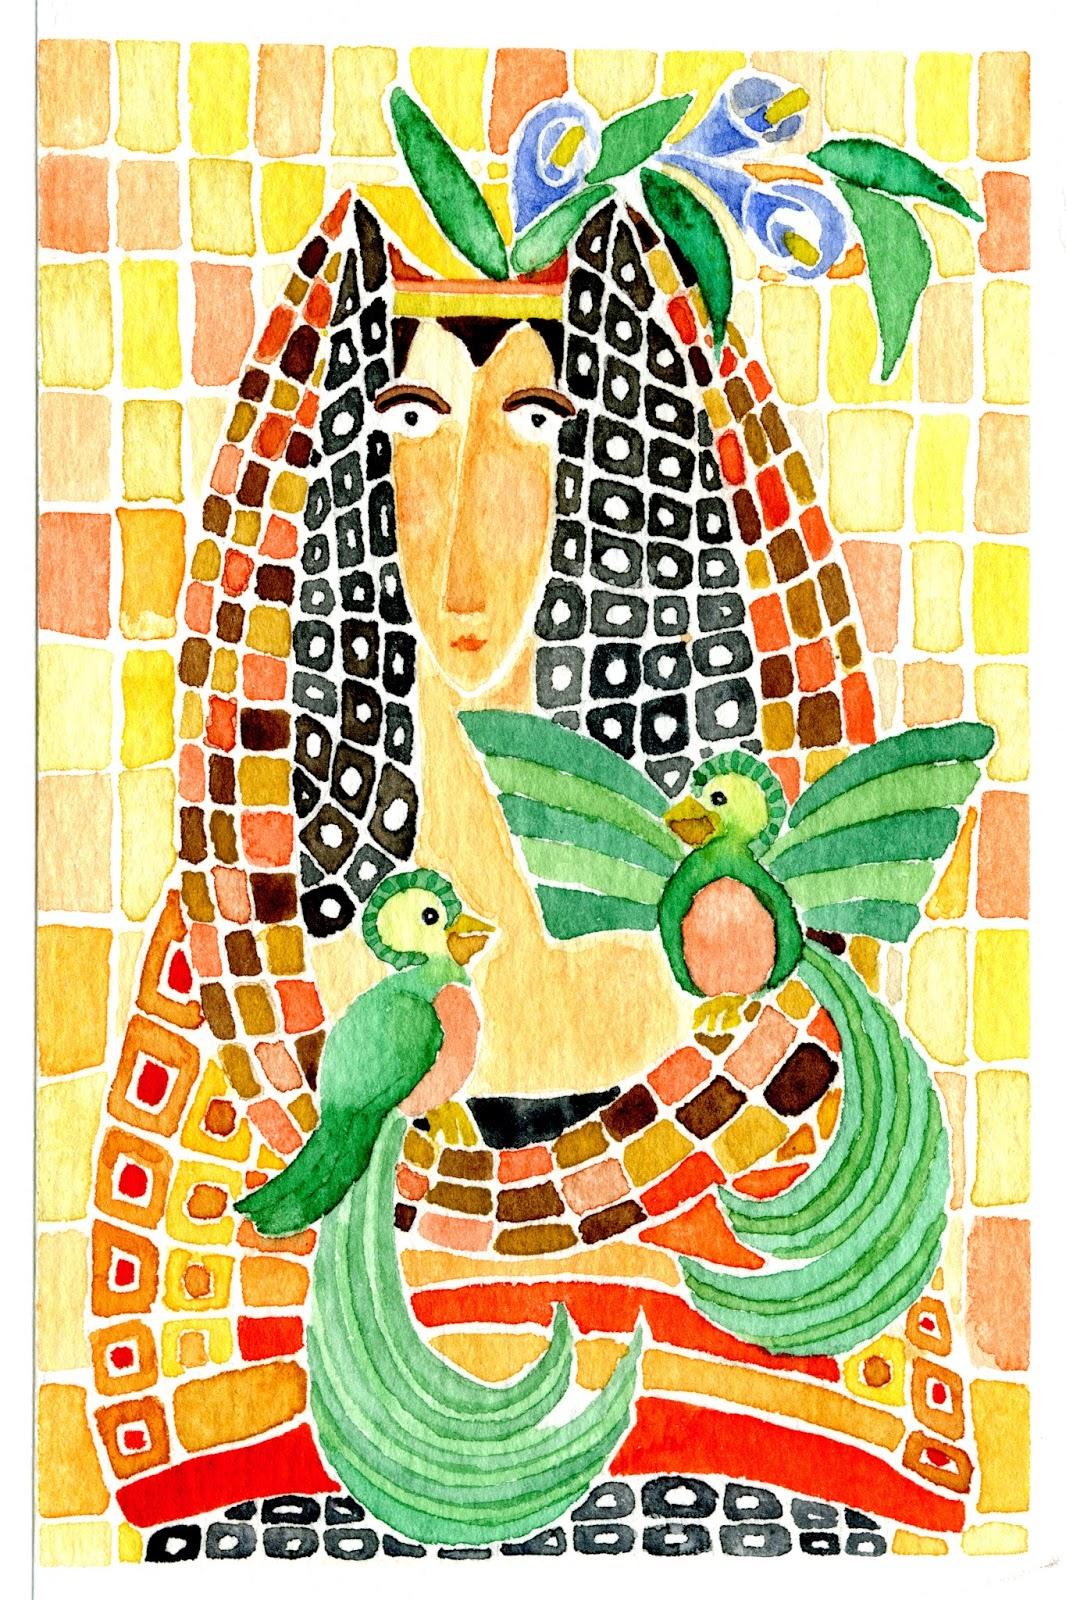 La Antigua I es una acuarela realizada durante una visita a la antigua capital de Guatemala. Representa la ciudad adornada con dos quetzales, ave símbolo de la República de Guatemala. Mientras mi querido compañero de aventuras visitaba el volcán Pacaya, actualmente en activo, yo aproveché para descansar unas horas tomando té en un precioso café (como todos los de esta ciudad). Una experiencia memorable que dio como fruto un par de acuarelas llenas de color.